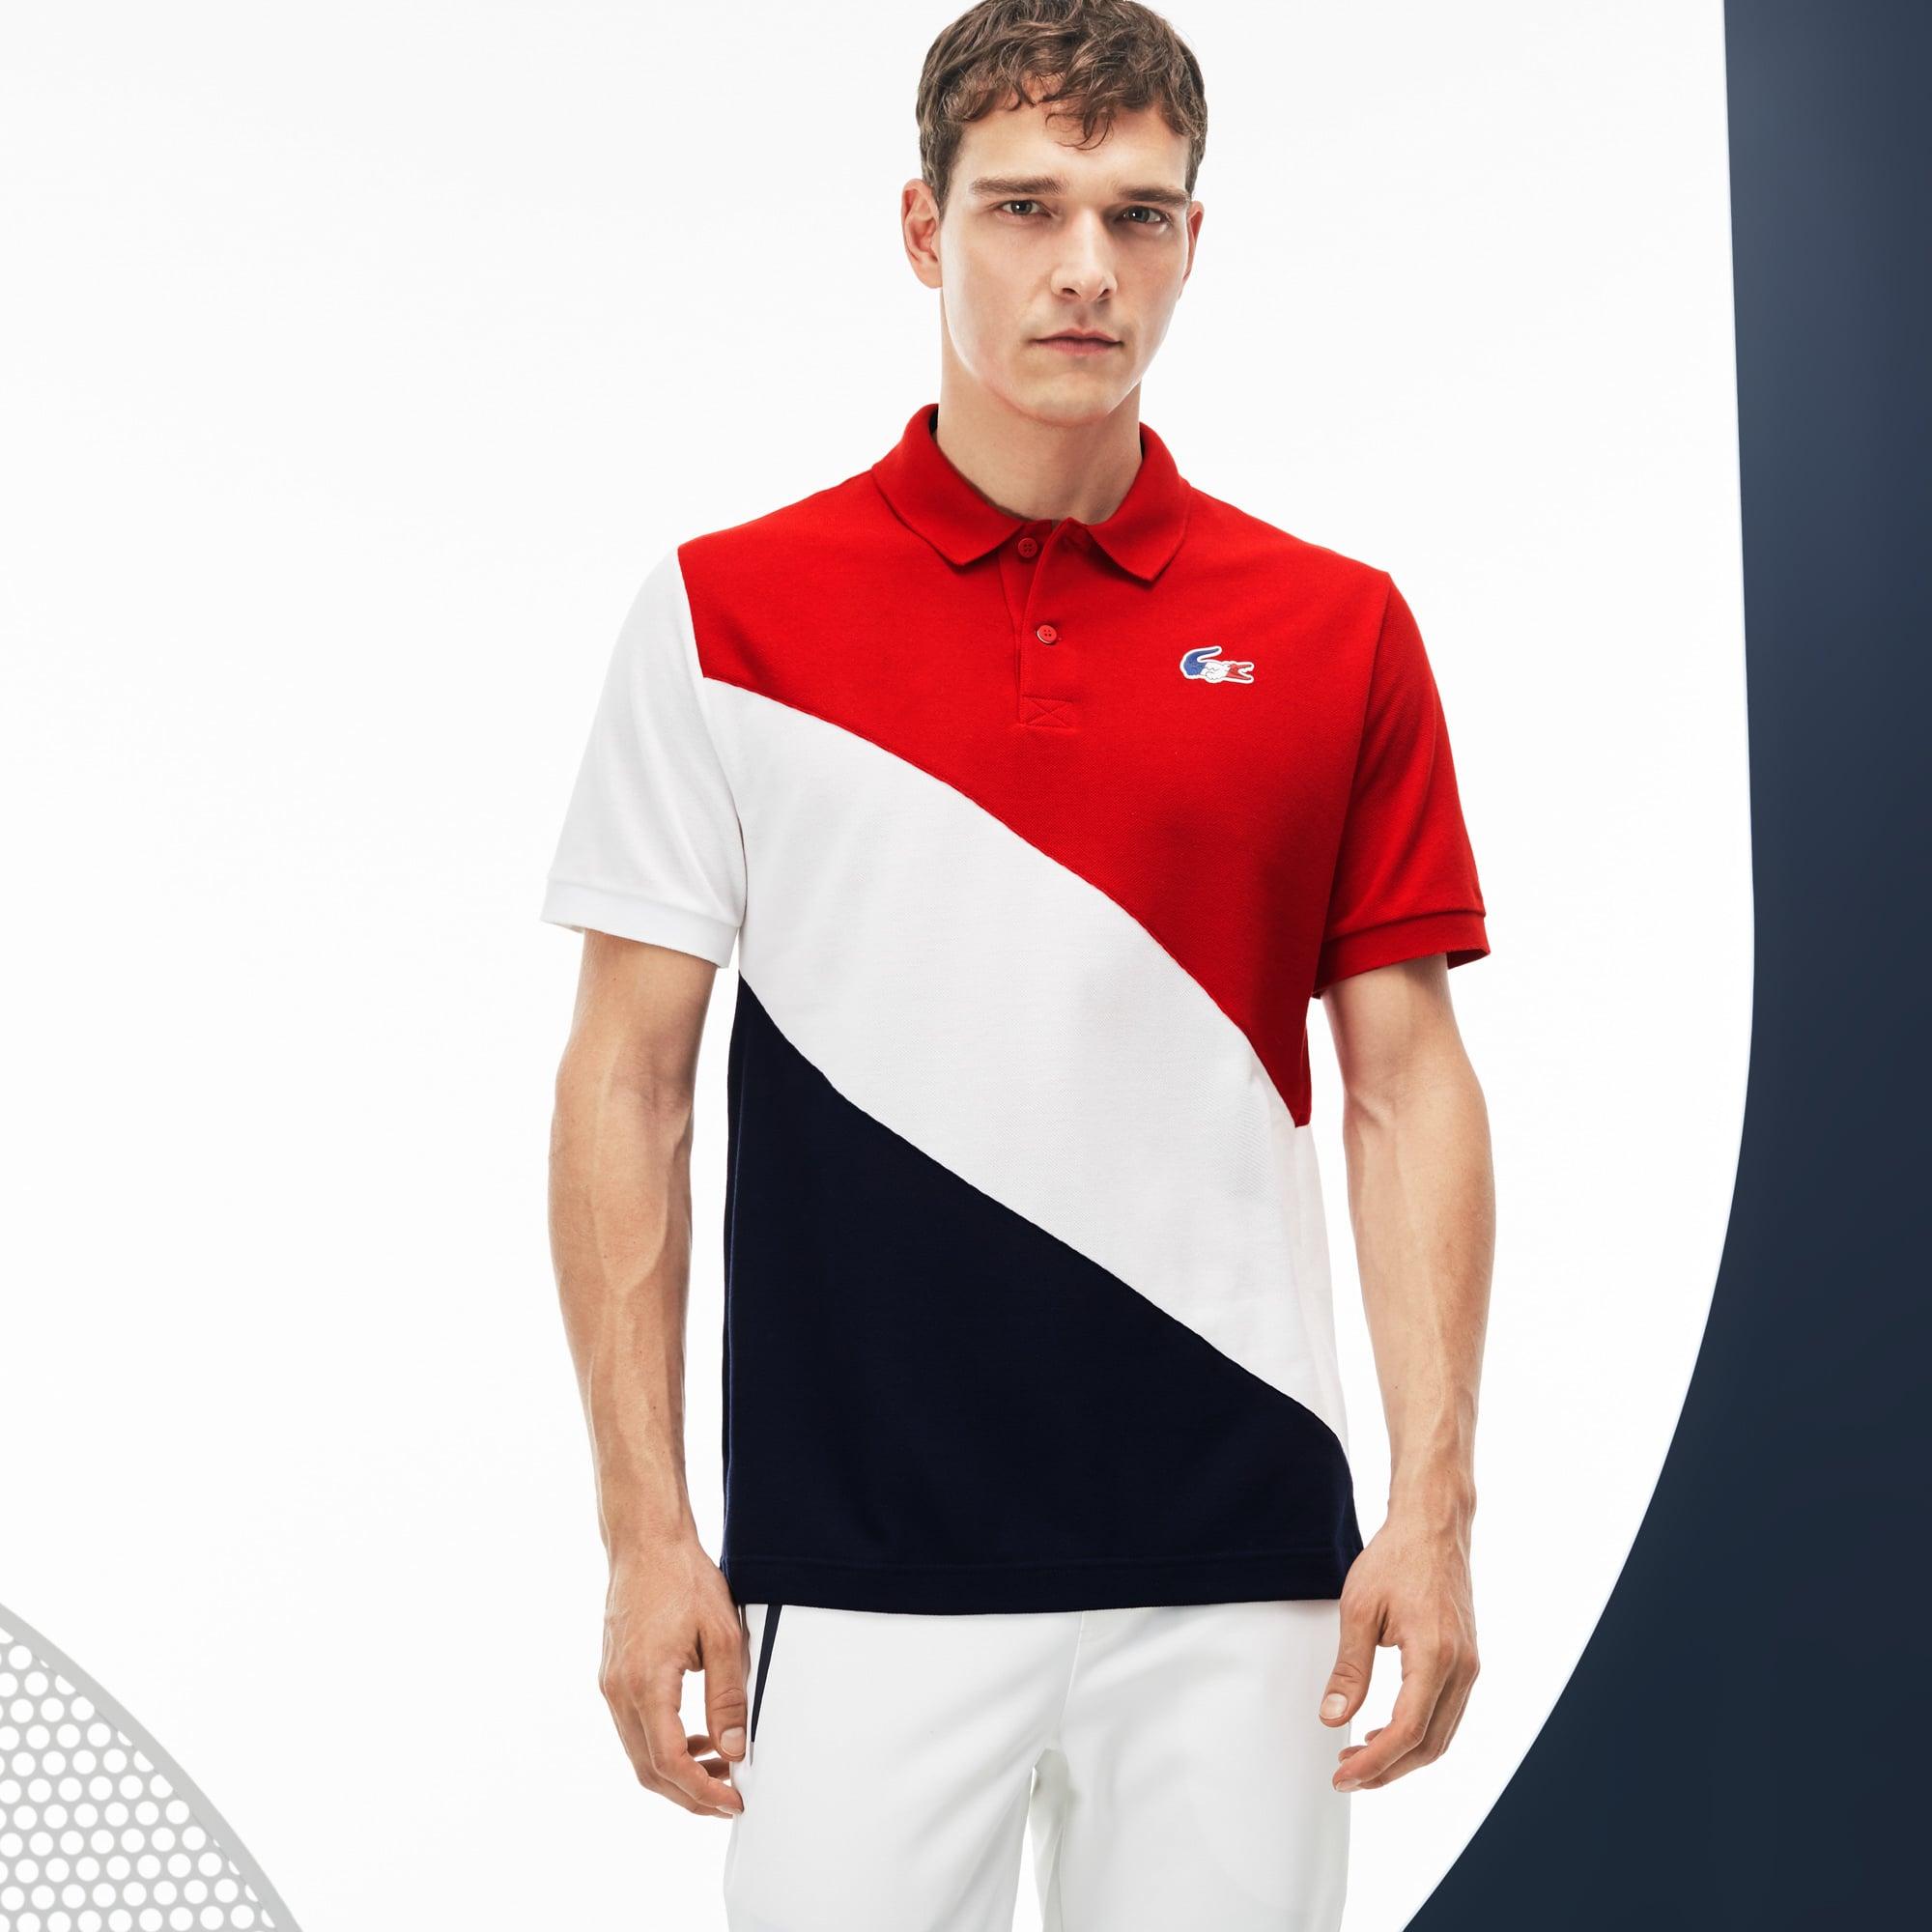 قميص بولو French Sporting Spirit Lacoste رجالي بألوان متنوعة من بيتيت بيكيه